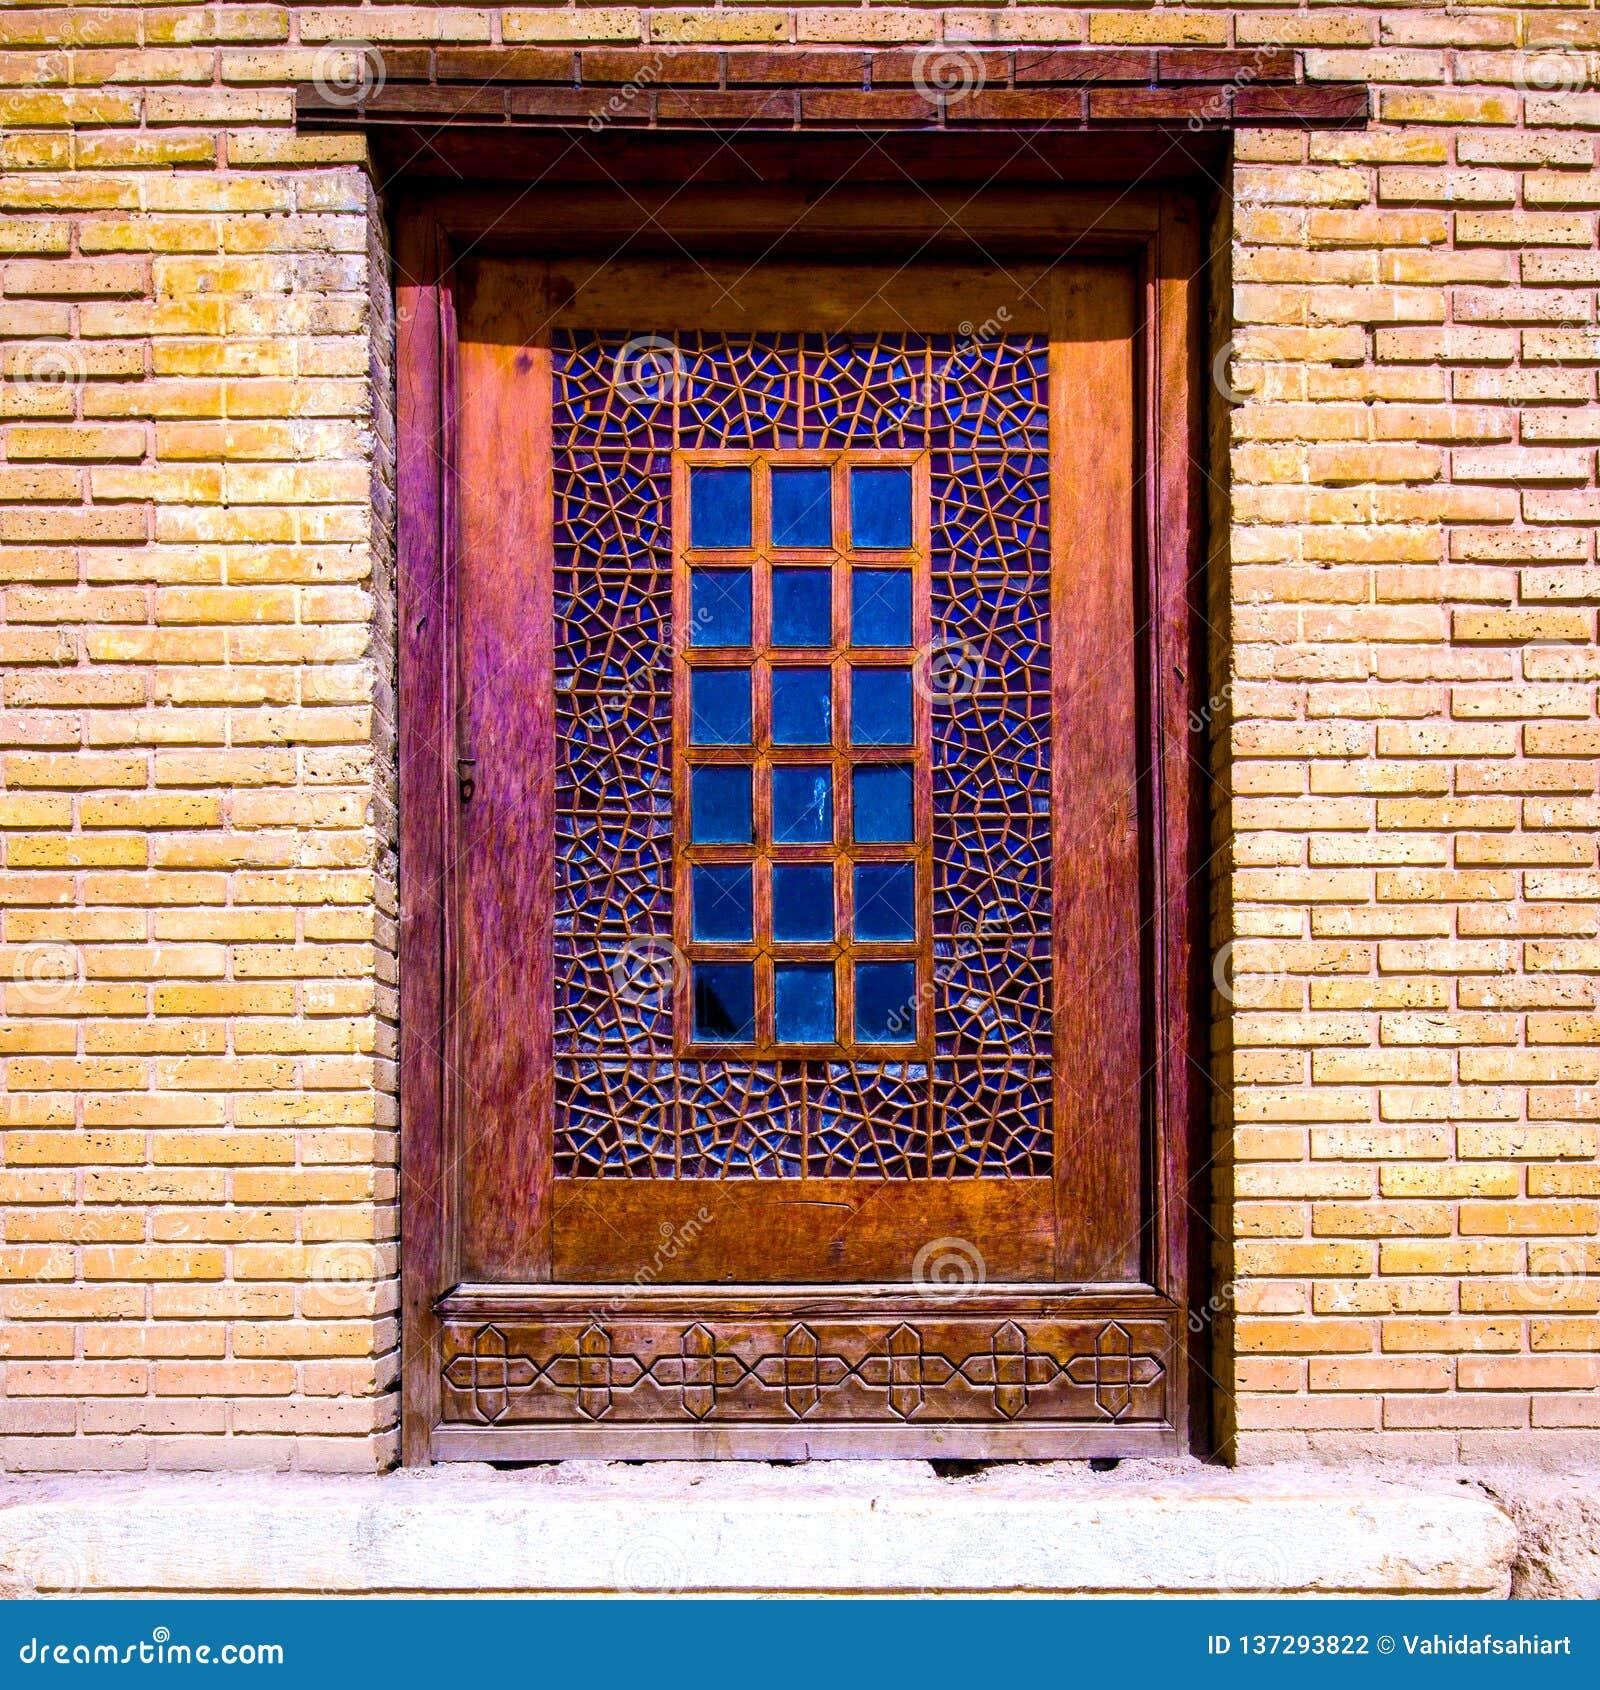 A single sash window in the Arg-e Karim Khan. Shiraz, Iran